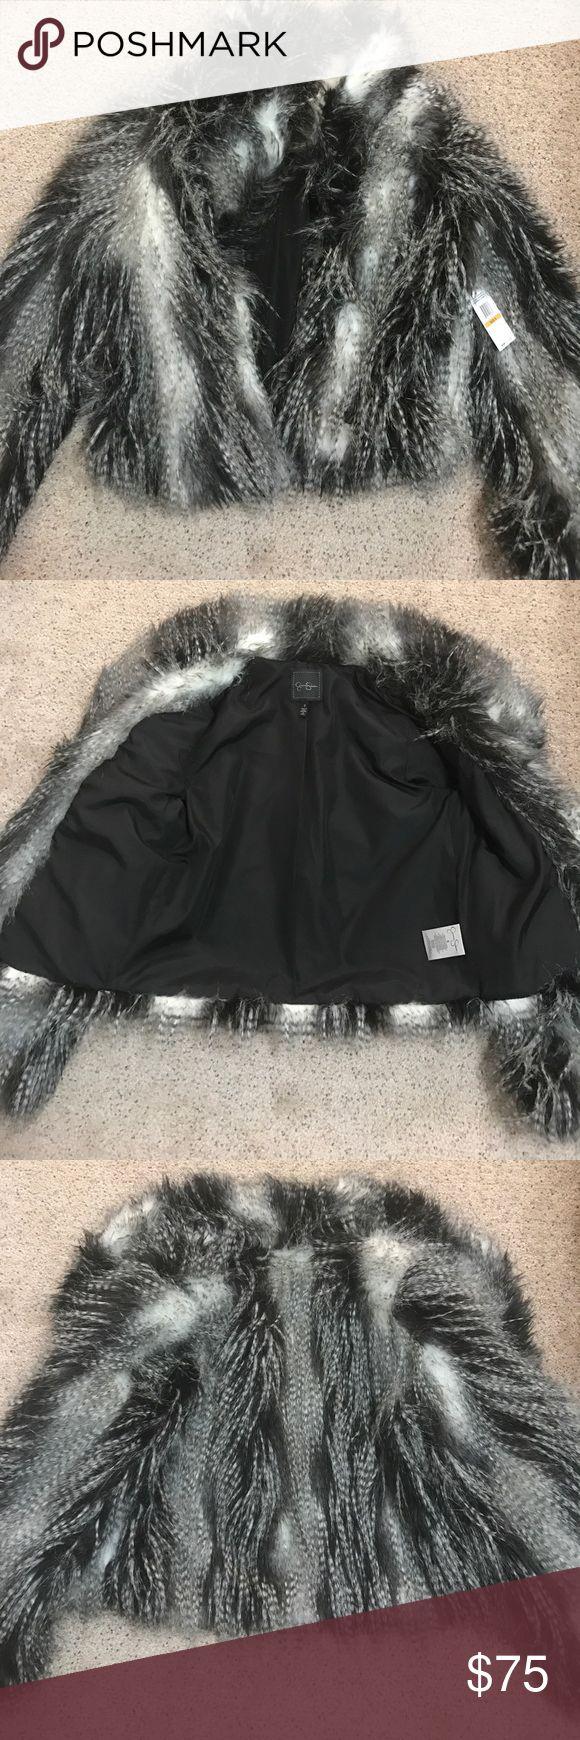 Jessica Simpson faux fur coat *new w tags* sz: S Brand new Jessica Simpson faux fur coat! Jessica Simpson Jackets & Coats Pea Coats